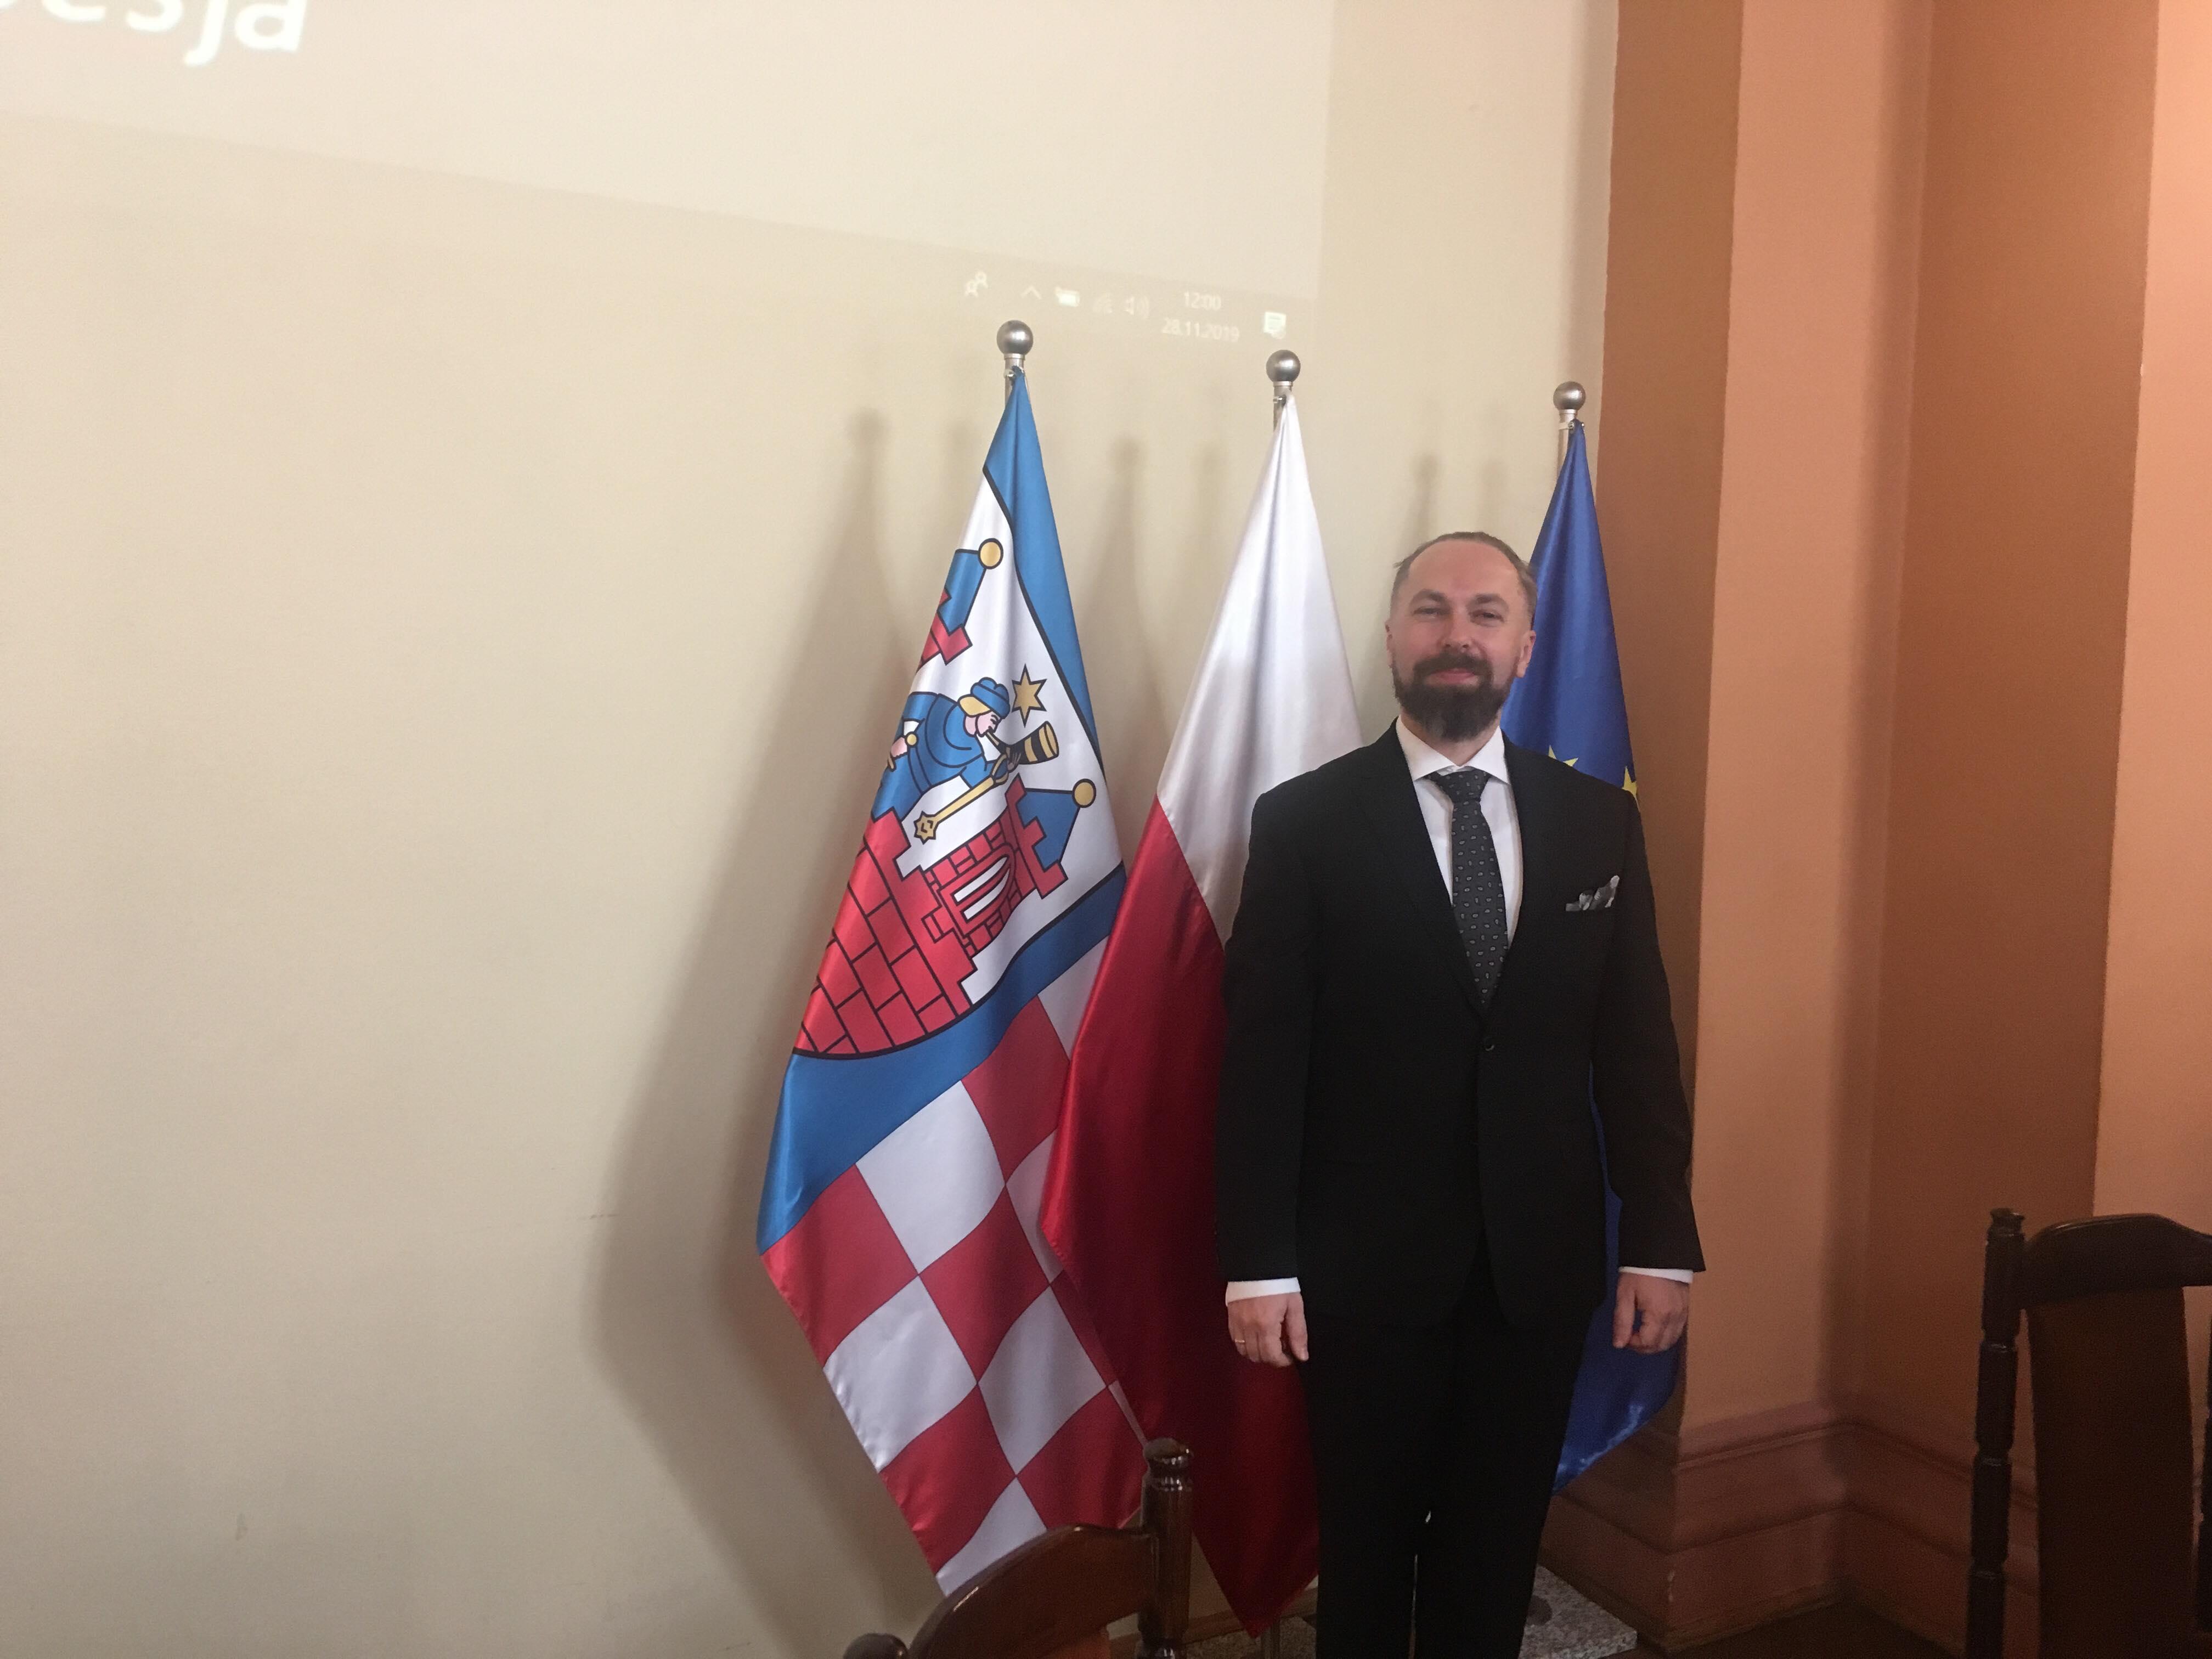 Tadeusz Skarzyński przewodniczący rady kalisz - Danuta Synkiewicz